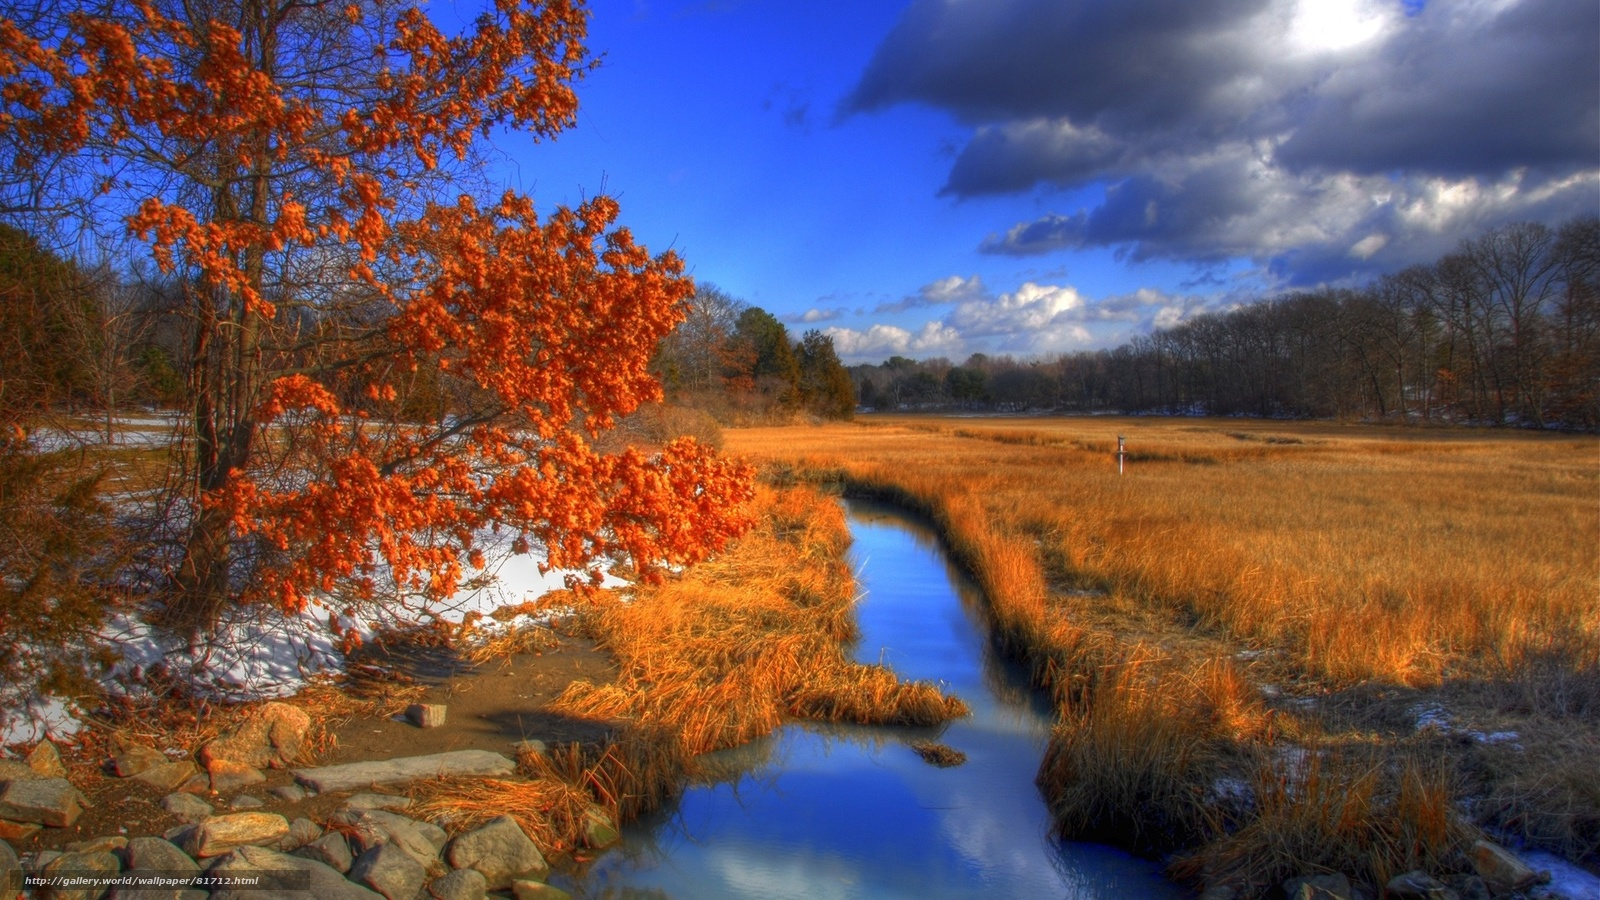 Scaricare gli sfondi autunno fiume sfondi gratis per la for Immagini autunno hd